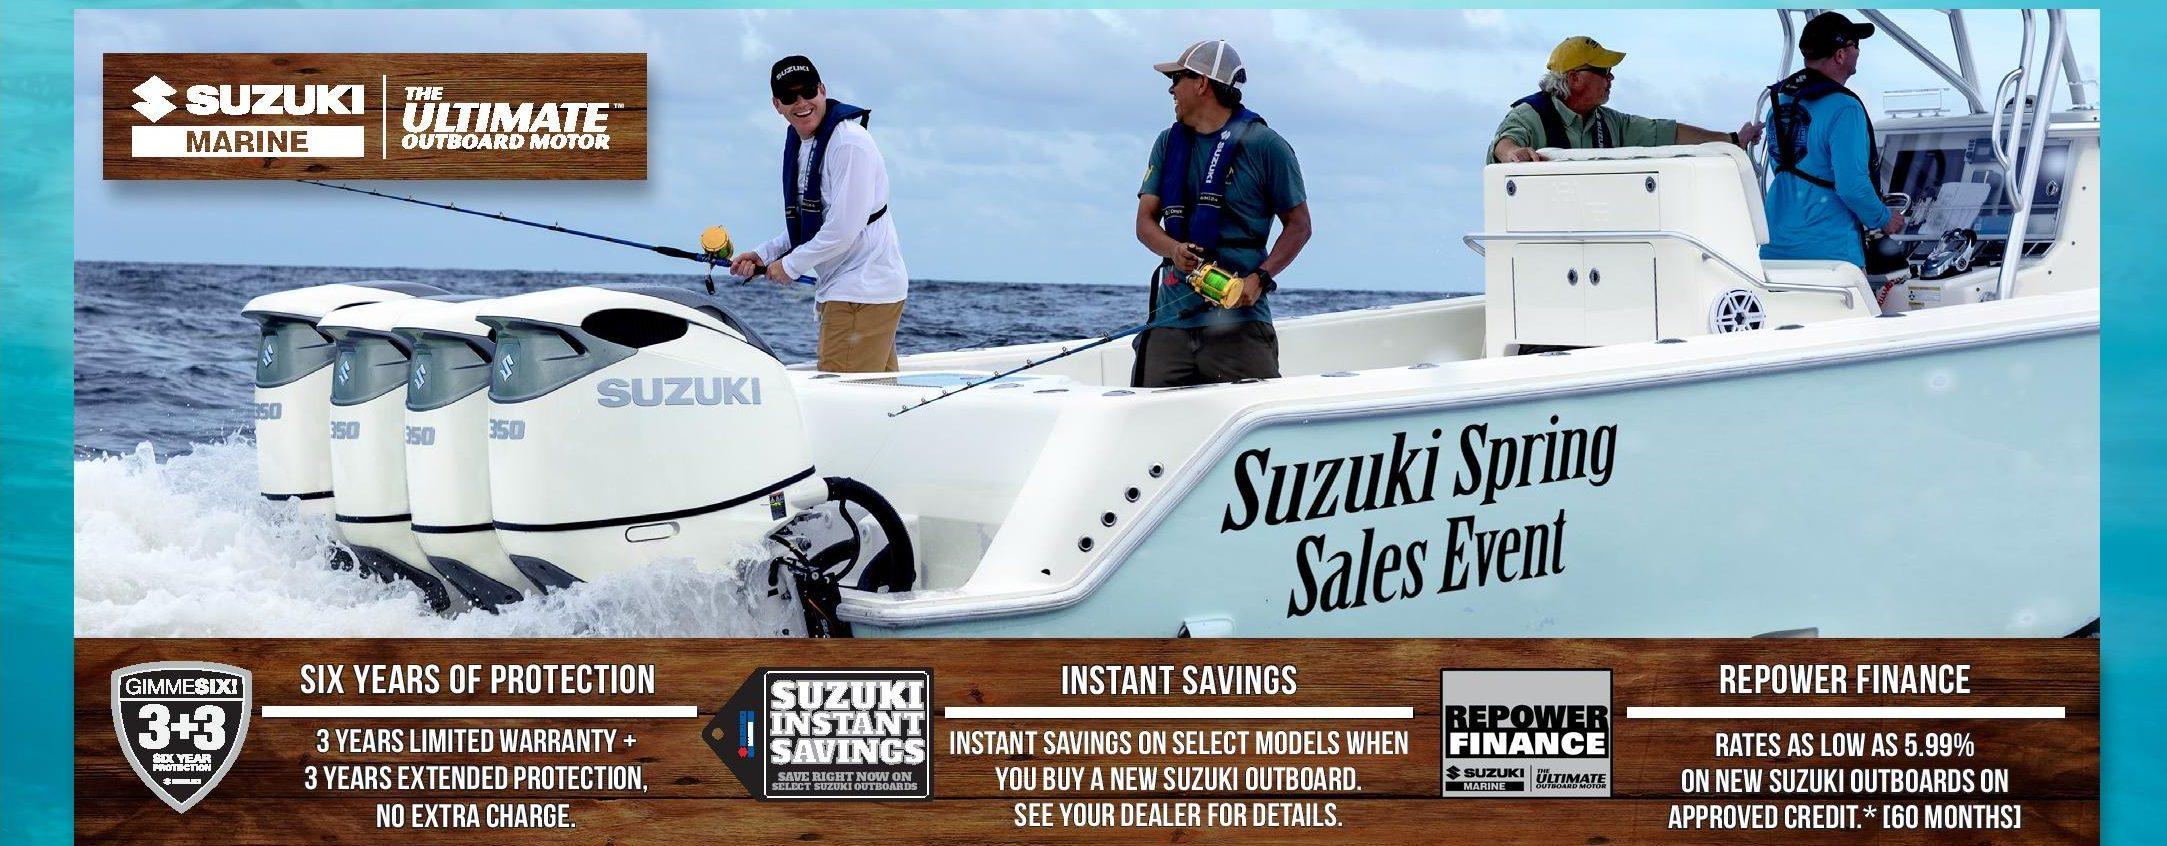 suzuki promo